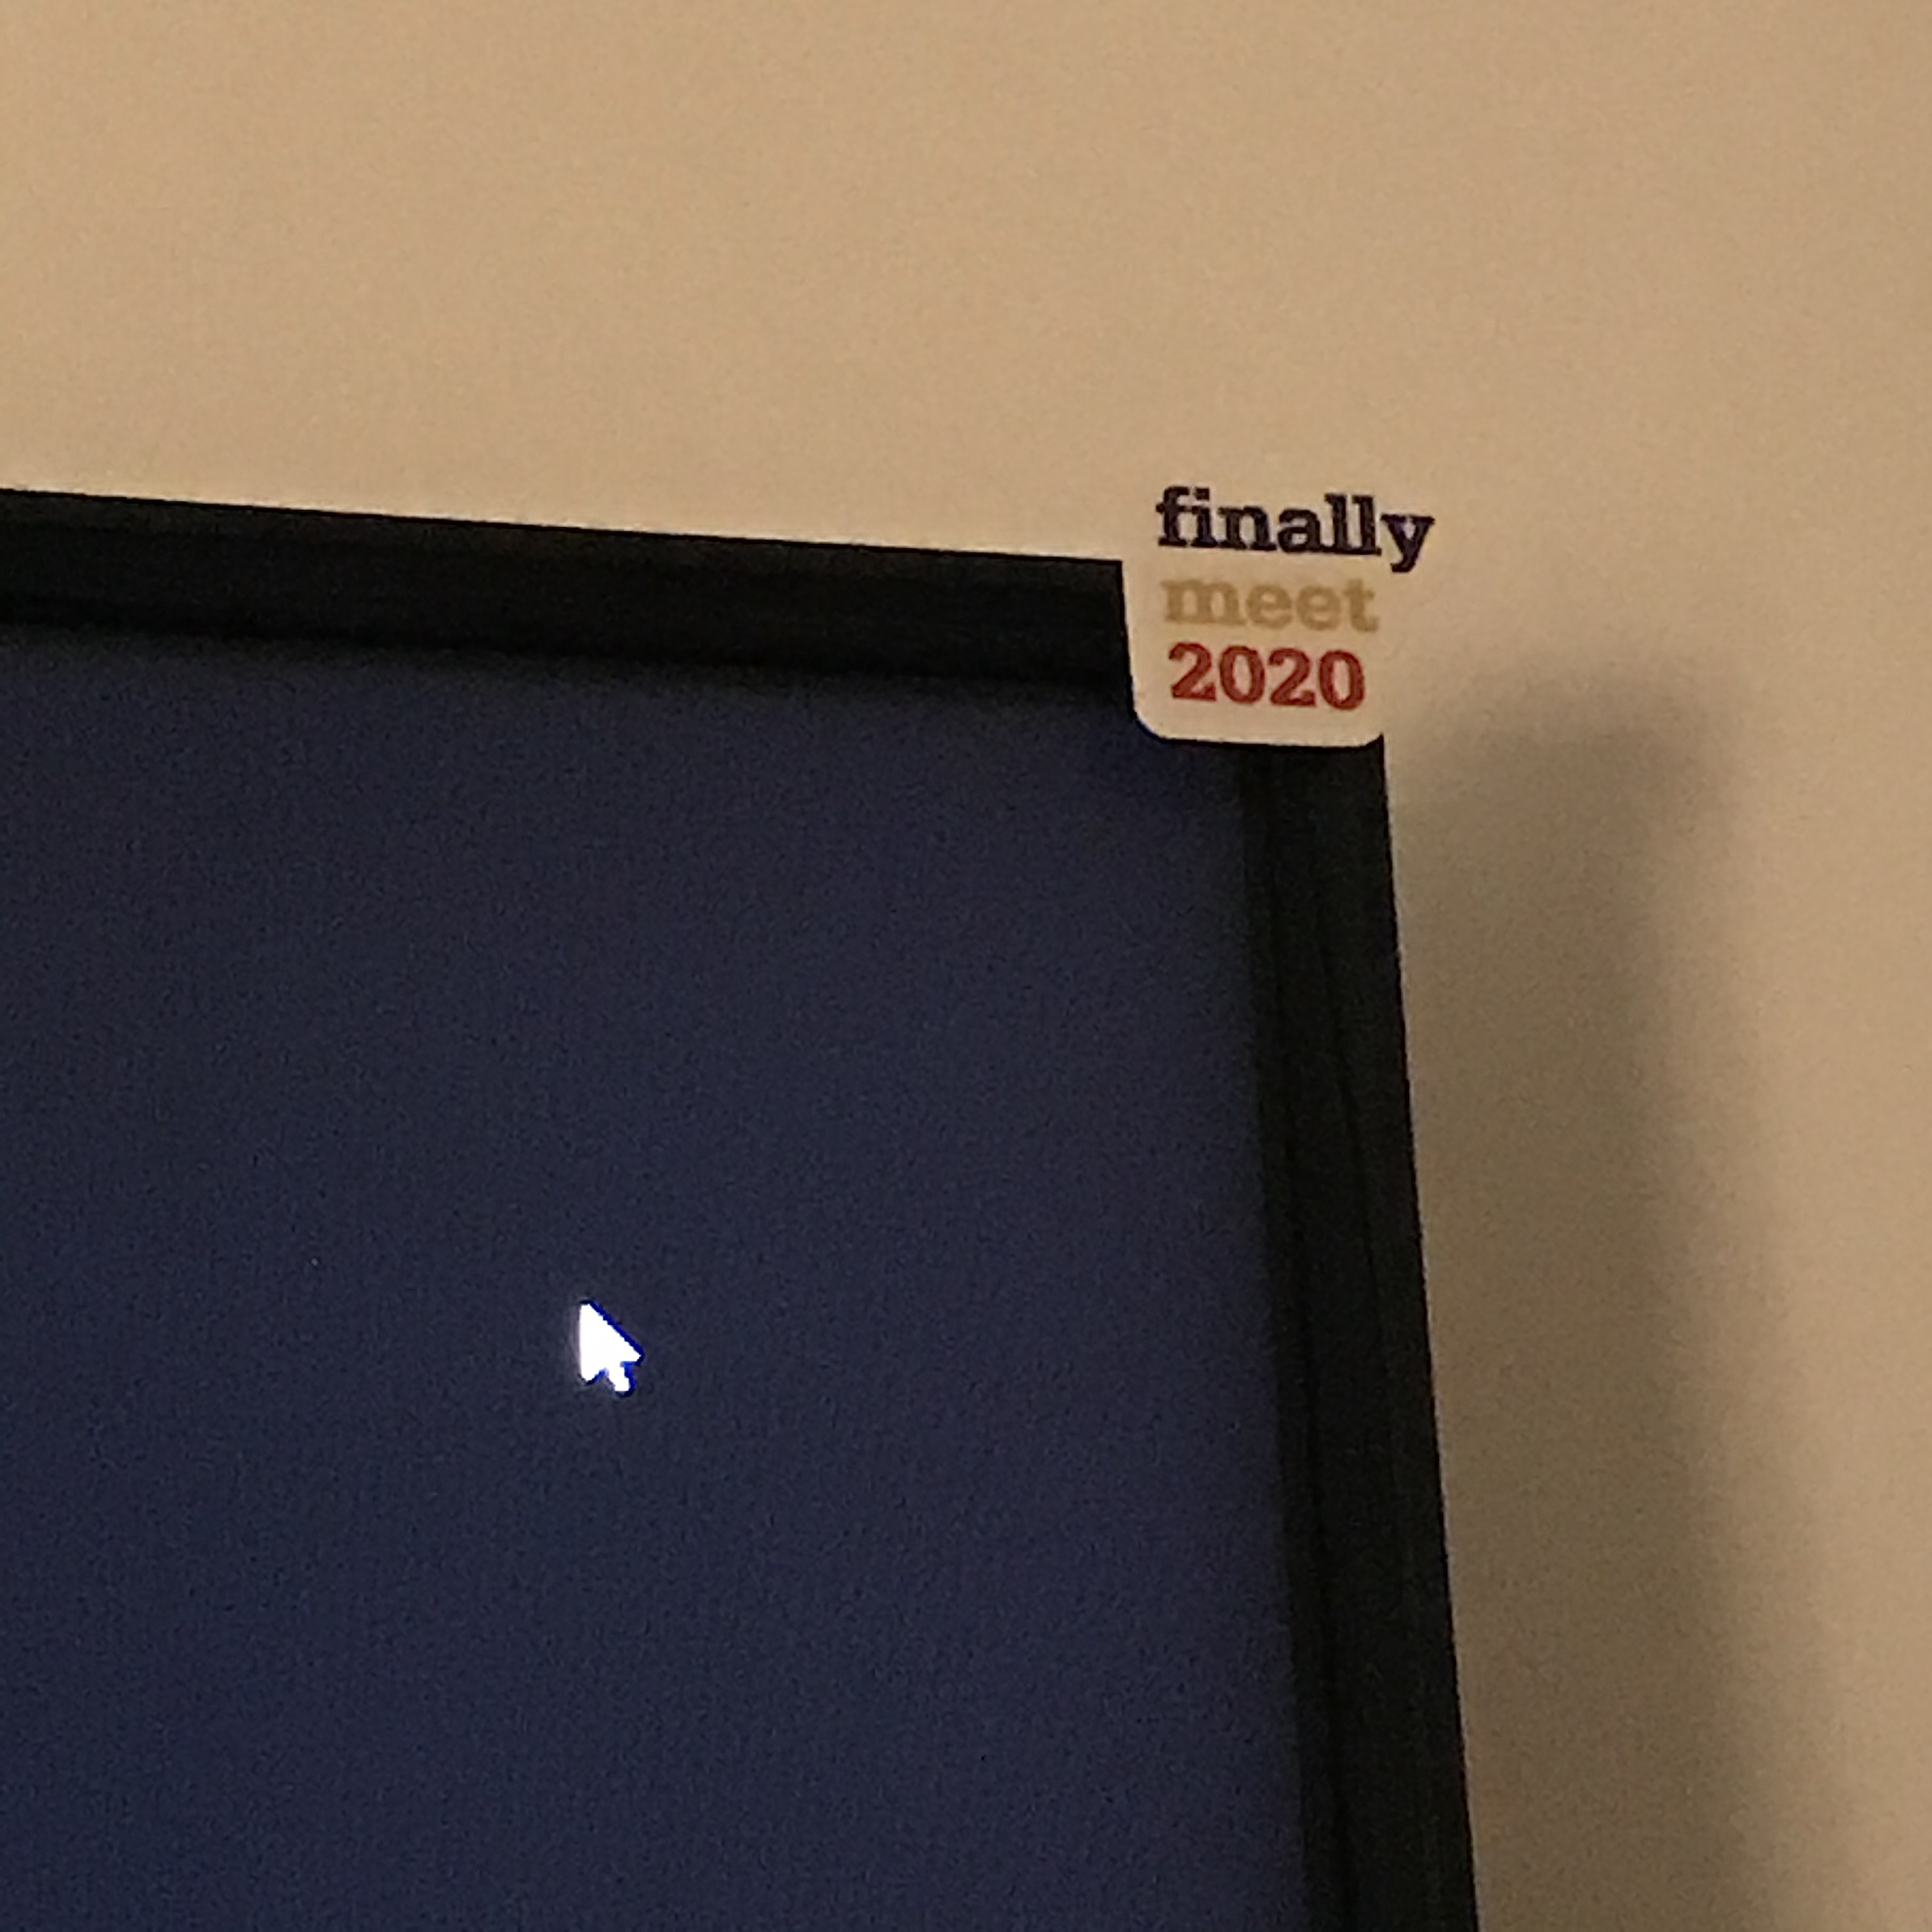 貝拉時尚正韓店~fmb_finally meet santa 2020我用的貼紙也要可可愛愛呀不干膠